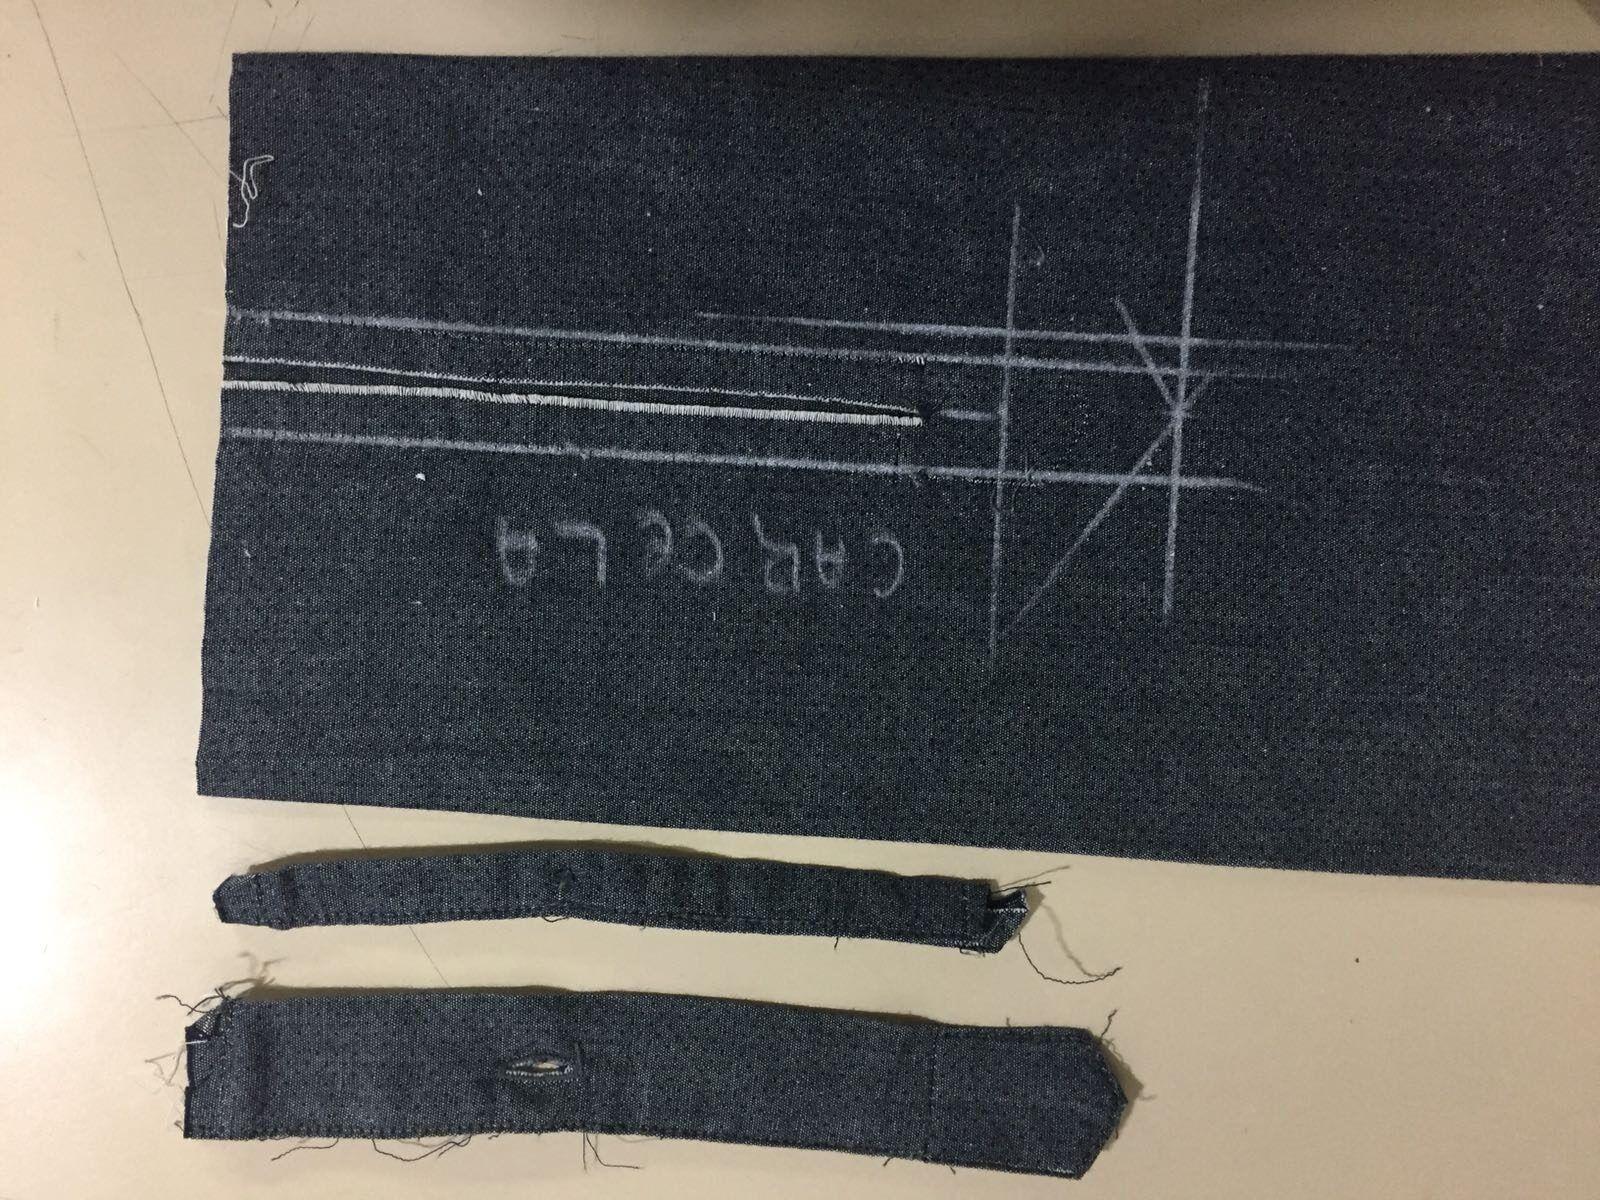 passo-a-passo-ajuste-de-punho-em-camisa-social-5-6724746